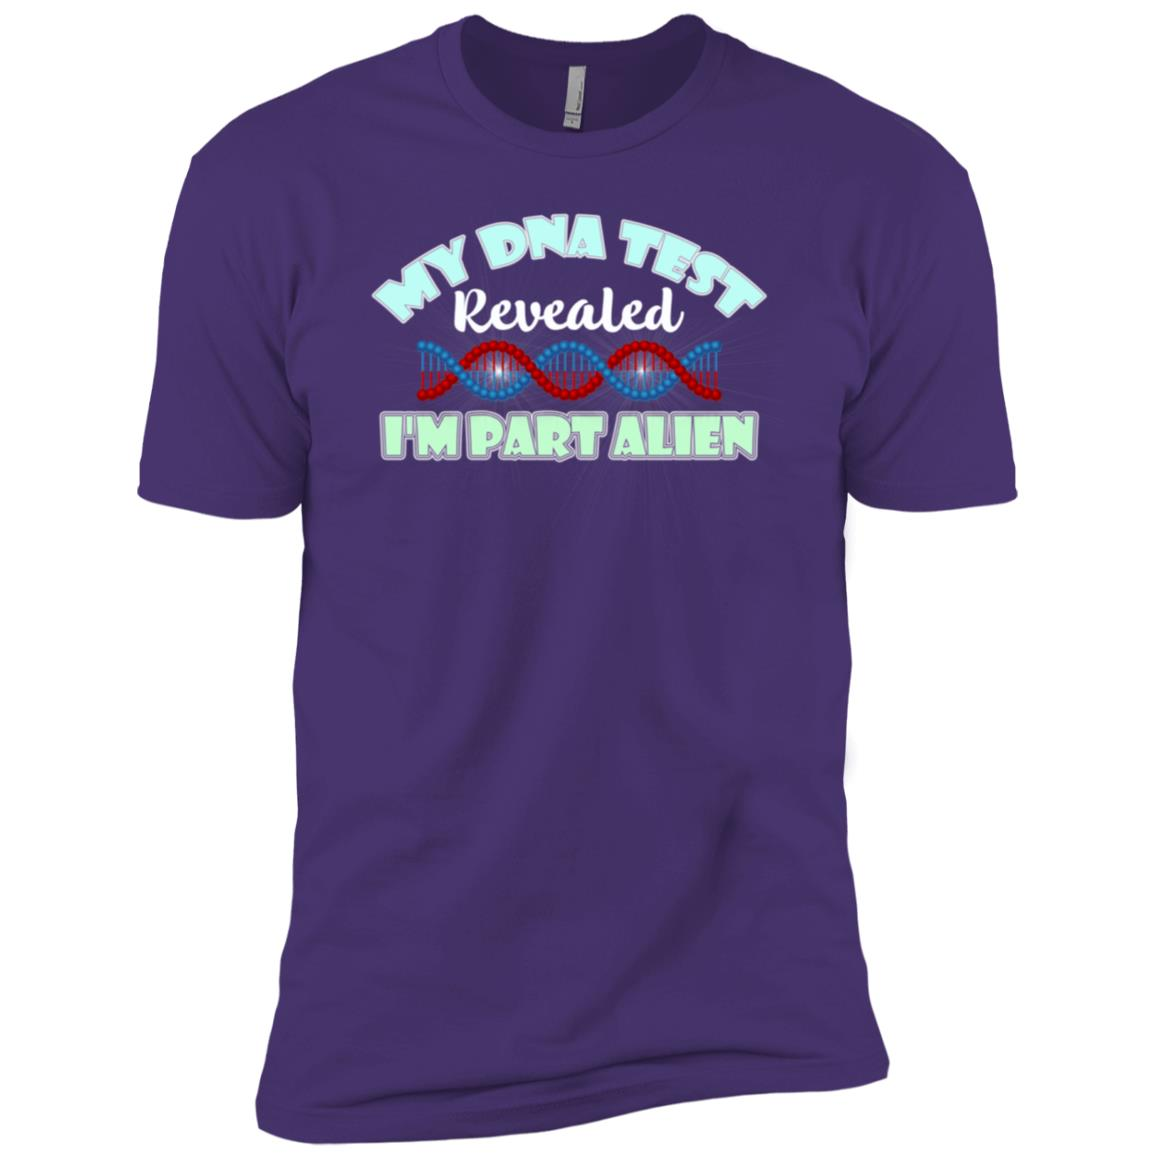 Alien Dna Test My Dna Test Revealed I'm Part Alien Men Short Sleeve T-Shirt